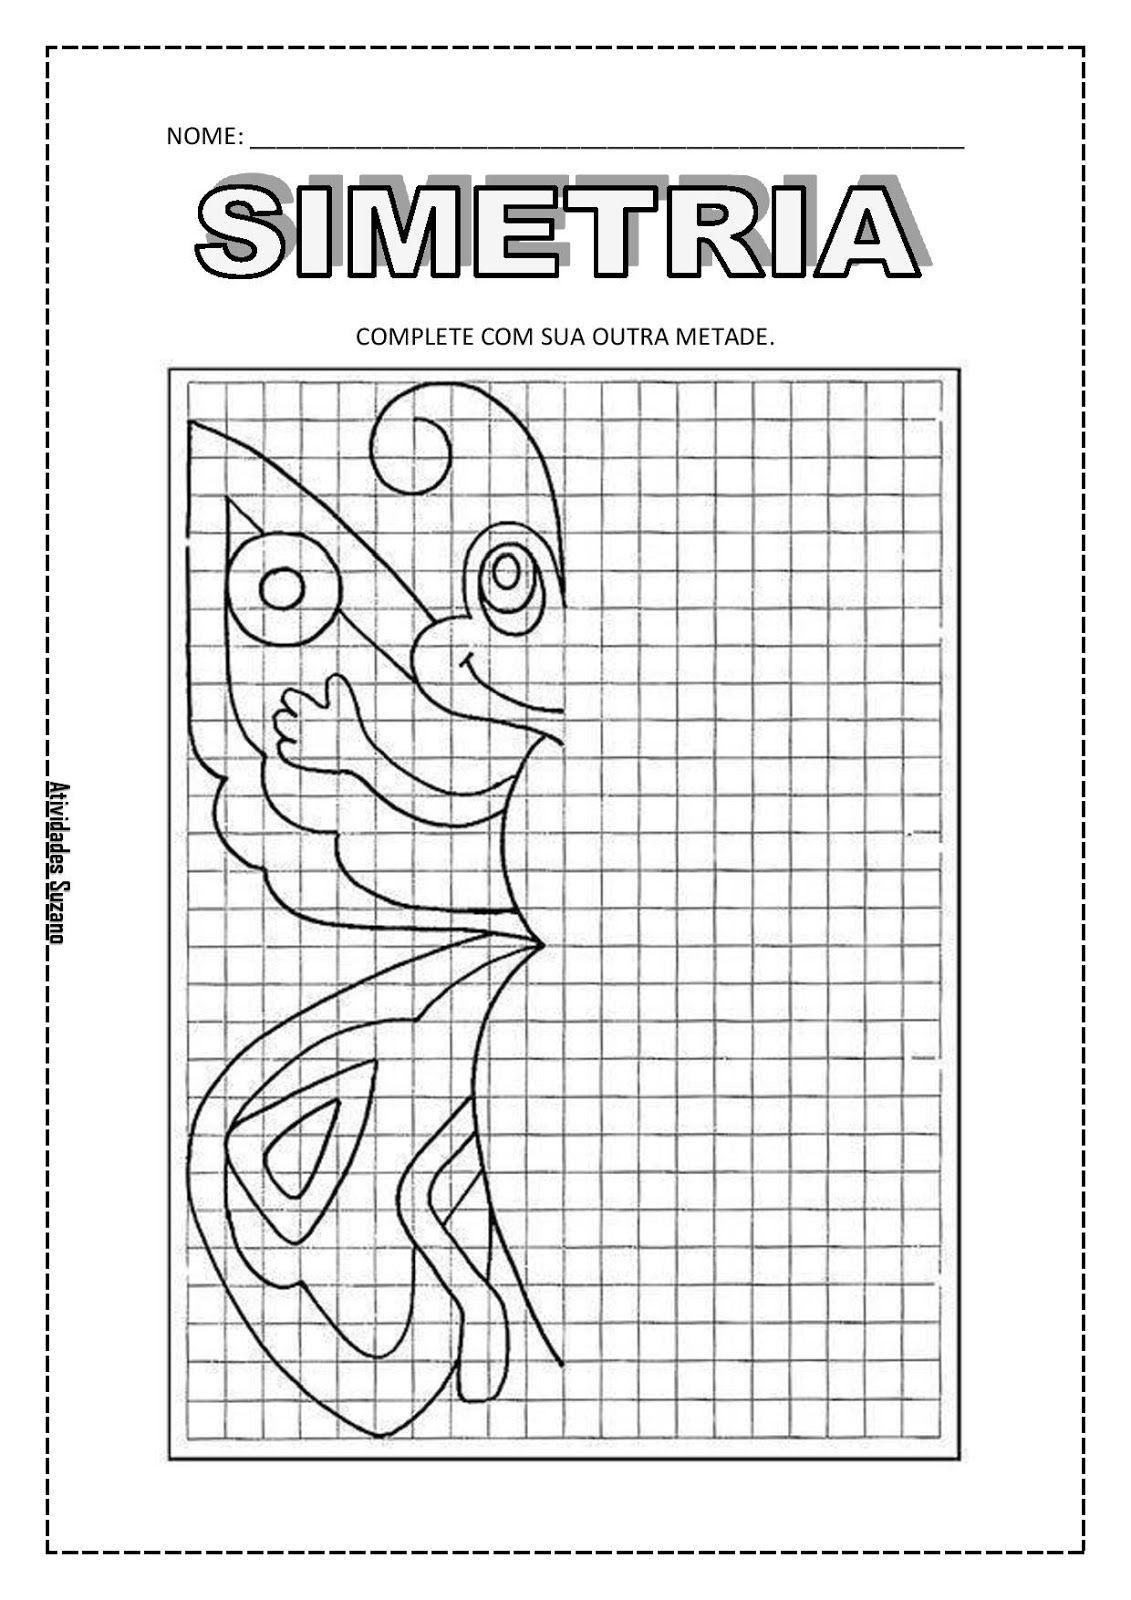 Pin De Maria Mogrovejo Em Artes De Simetris Com Imagens